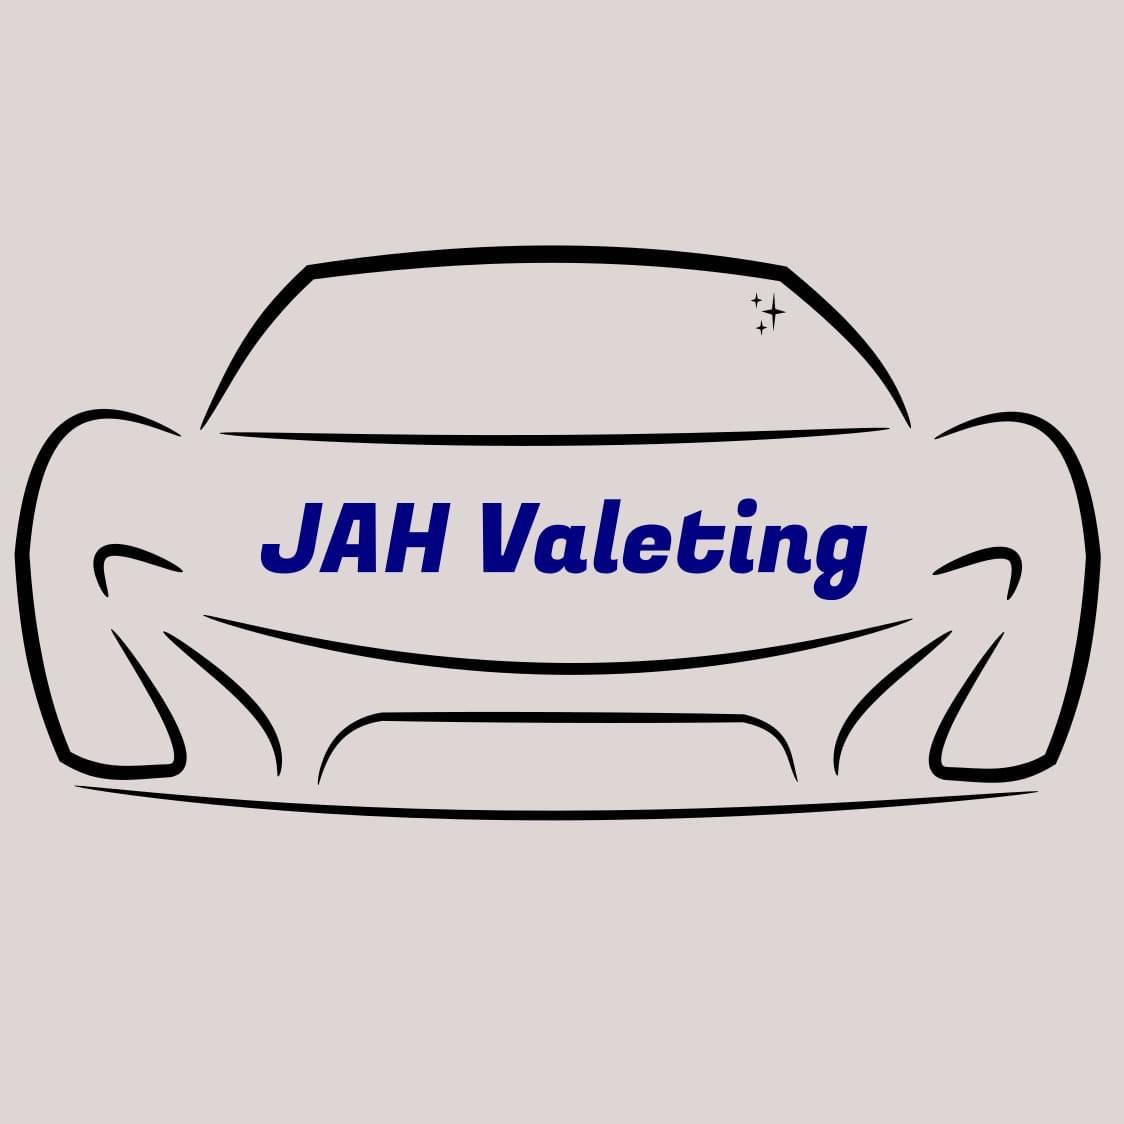 JAH Valeting